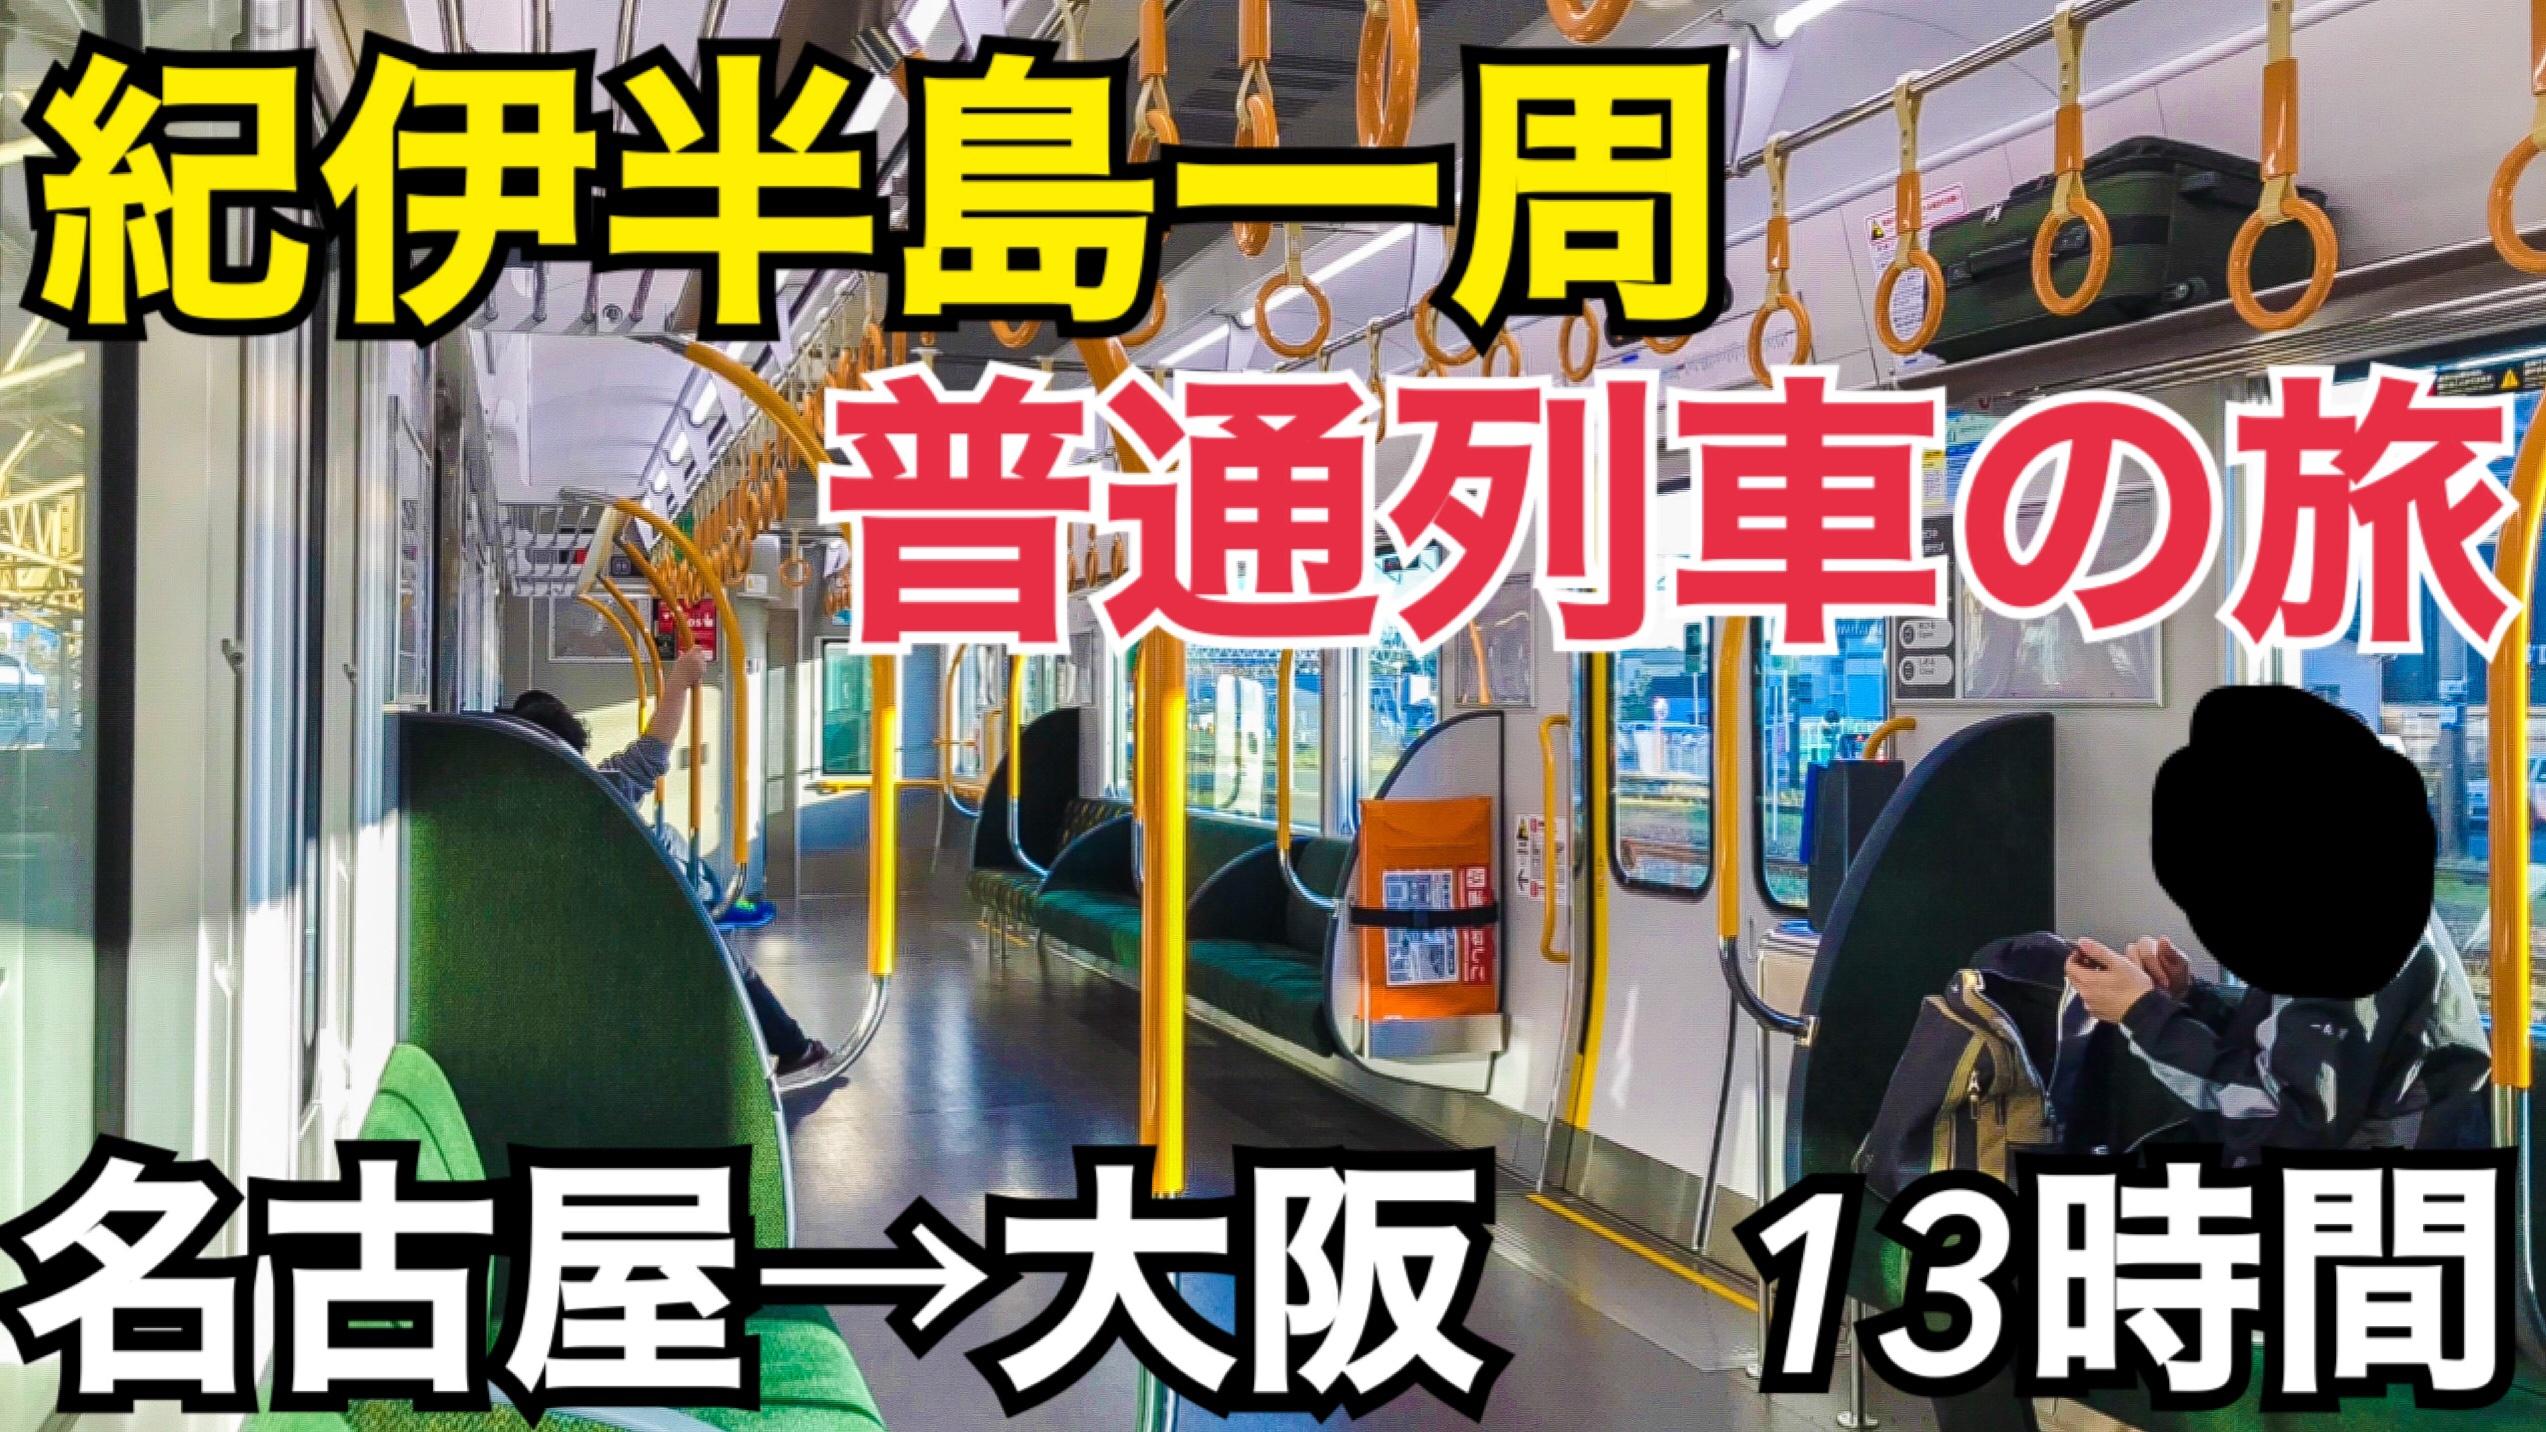 普通列車で紀伊半島一周!名阪間13時間?!ロングシートでひたすら移動!【紀伊常陸普通列車の旅】